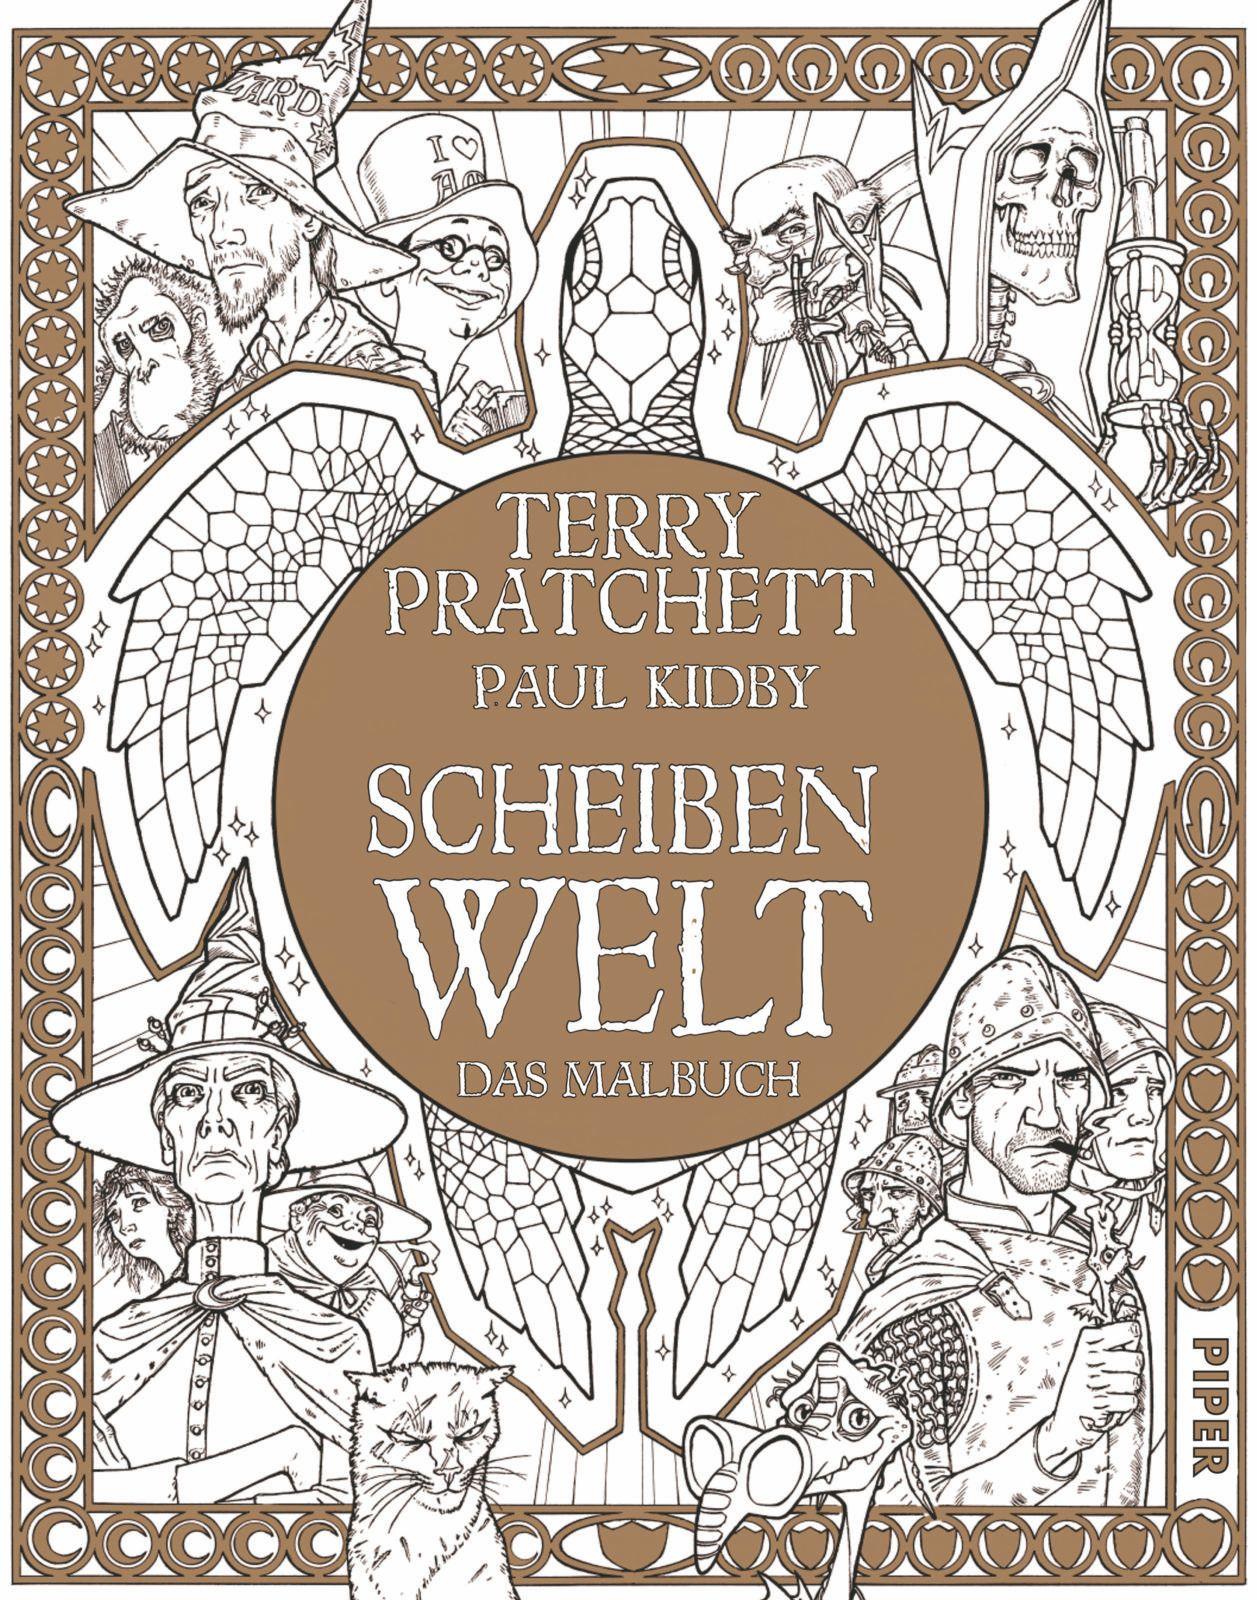 NEU Scheibenwelt - Das Malbuch Terry Pratchett 704366